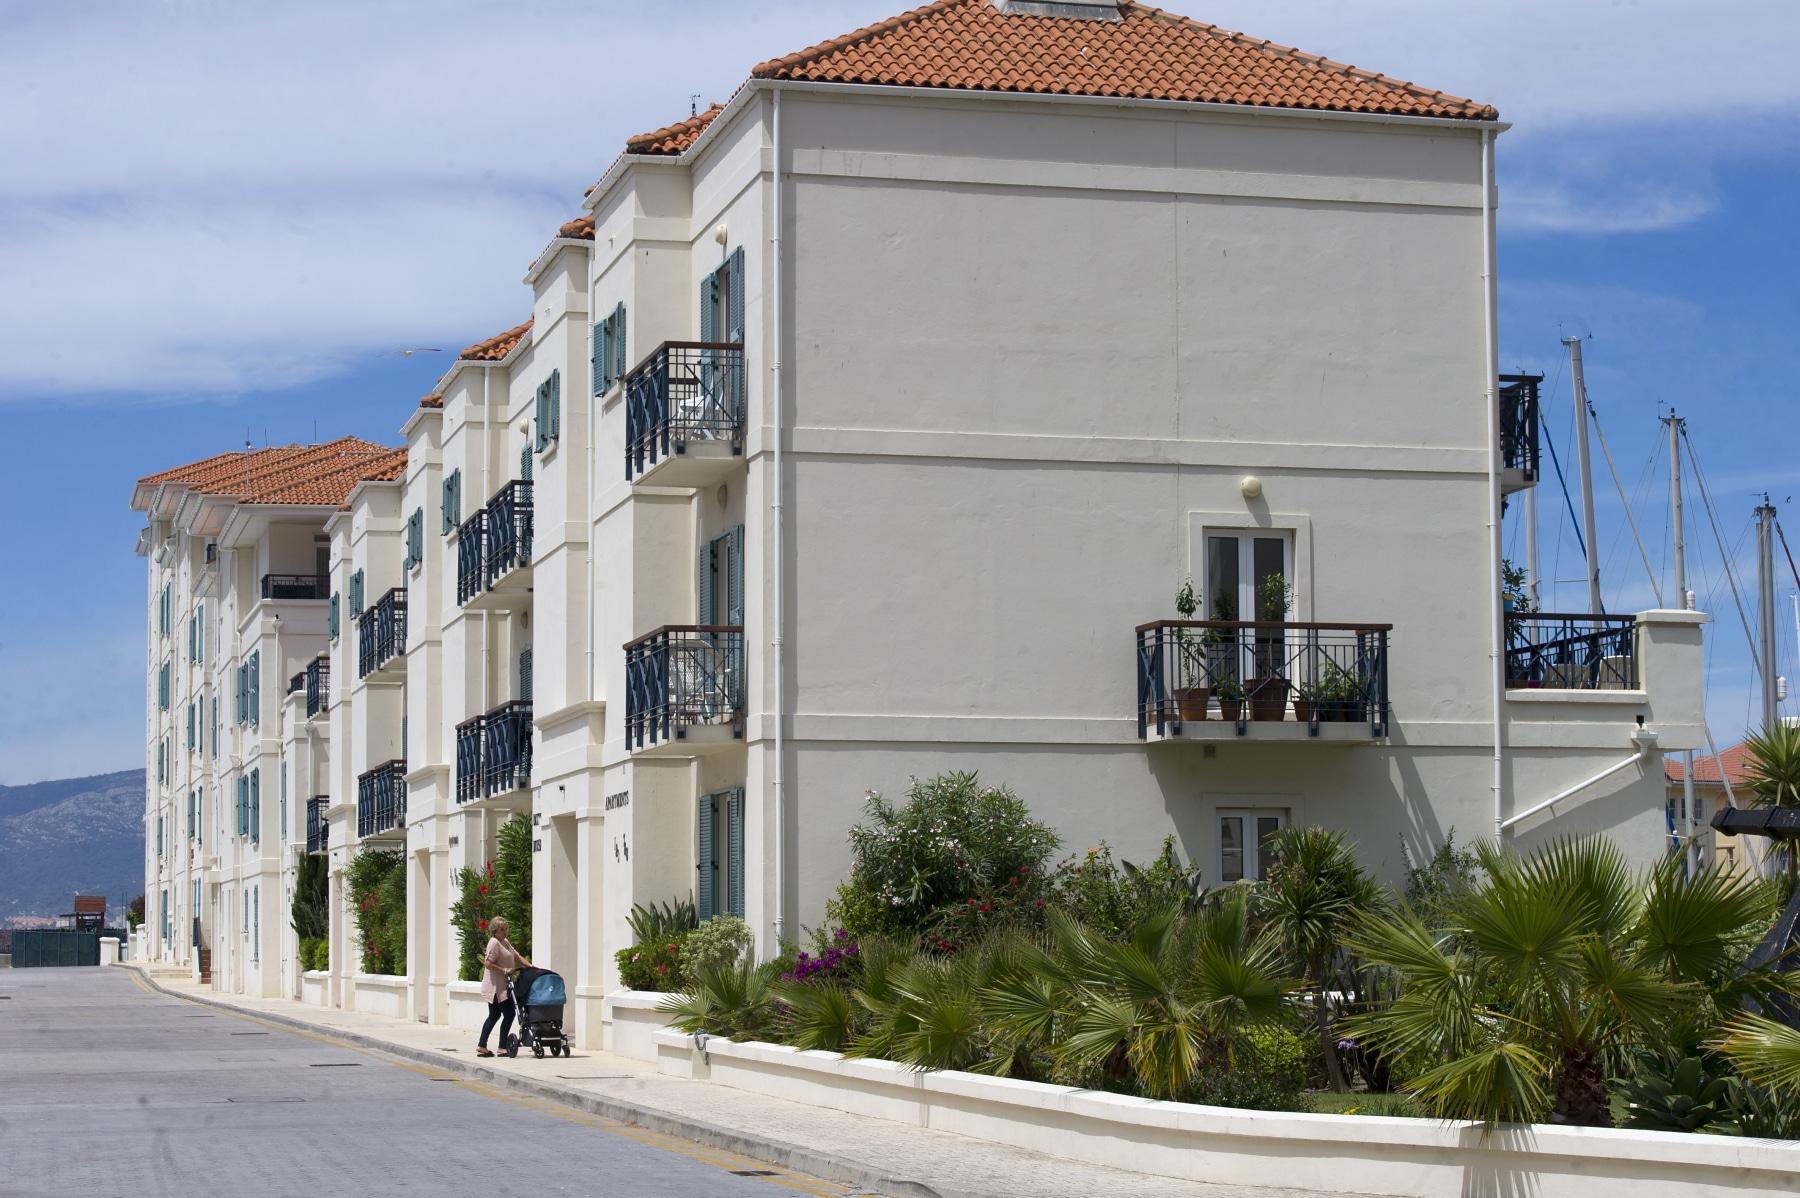 paisajes-urbanos-gibraltar-23_9222392151_o